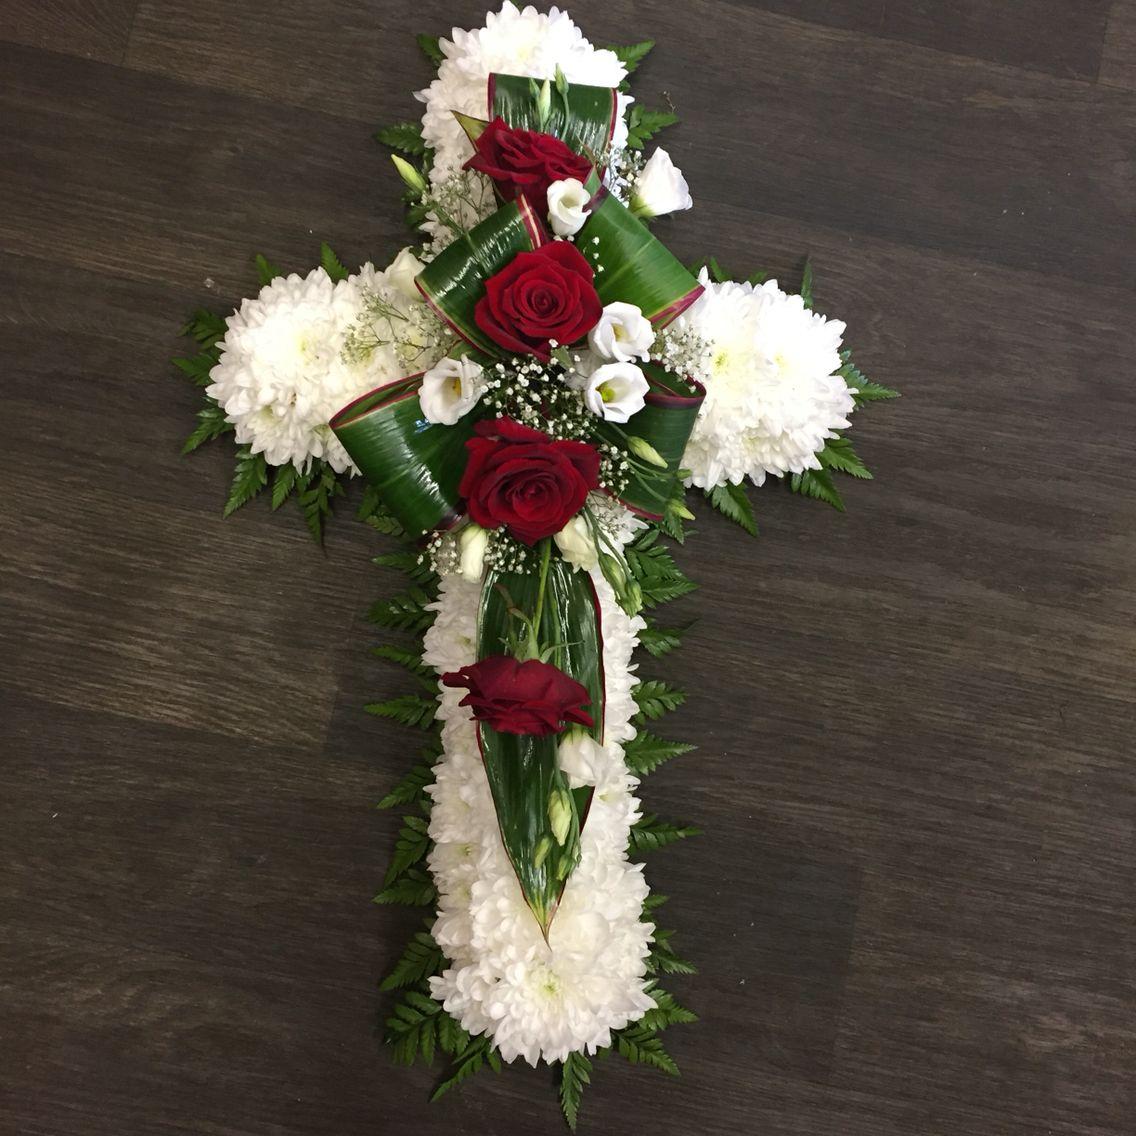 Funeral cross funeral men pinterest funeral funeral flowers funeral cross izmirmasajfo